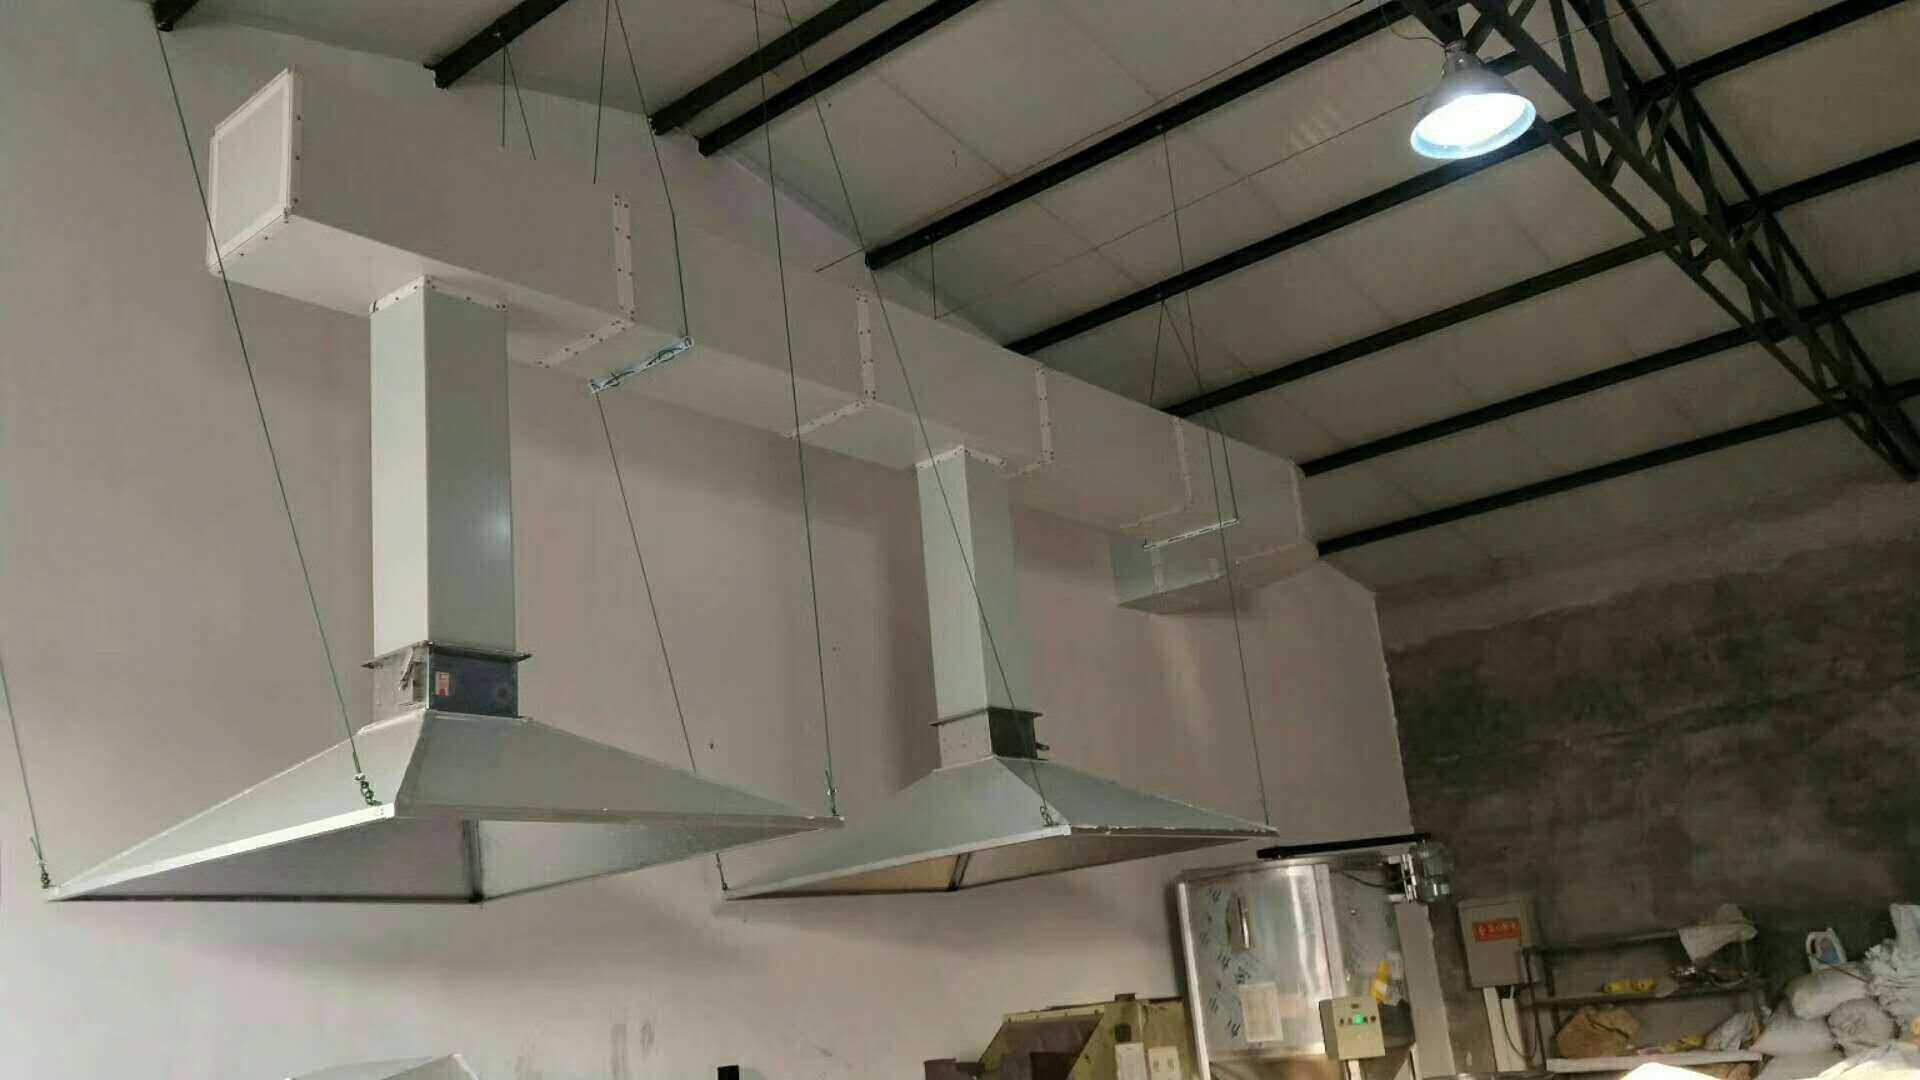 山西太原塑料制品厂UV光解空气净化器安装调试成功